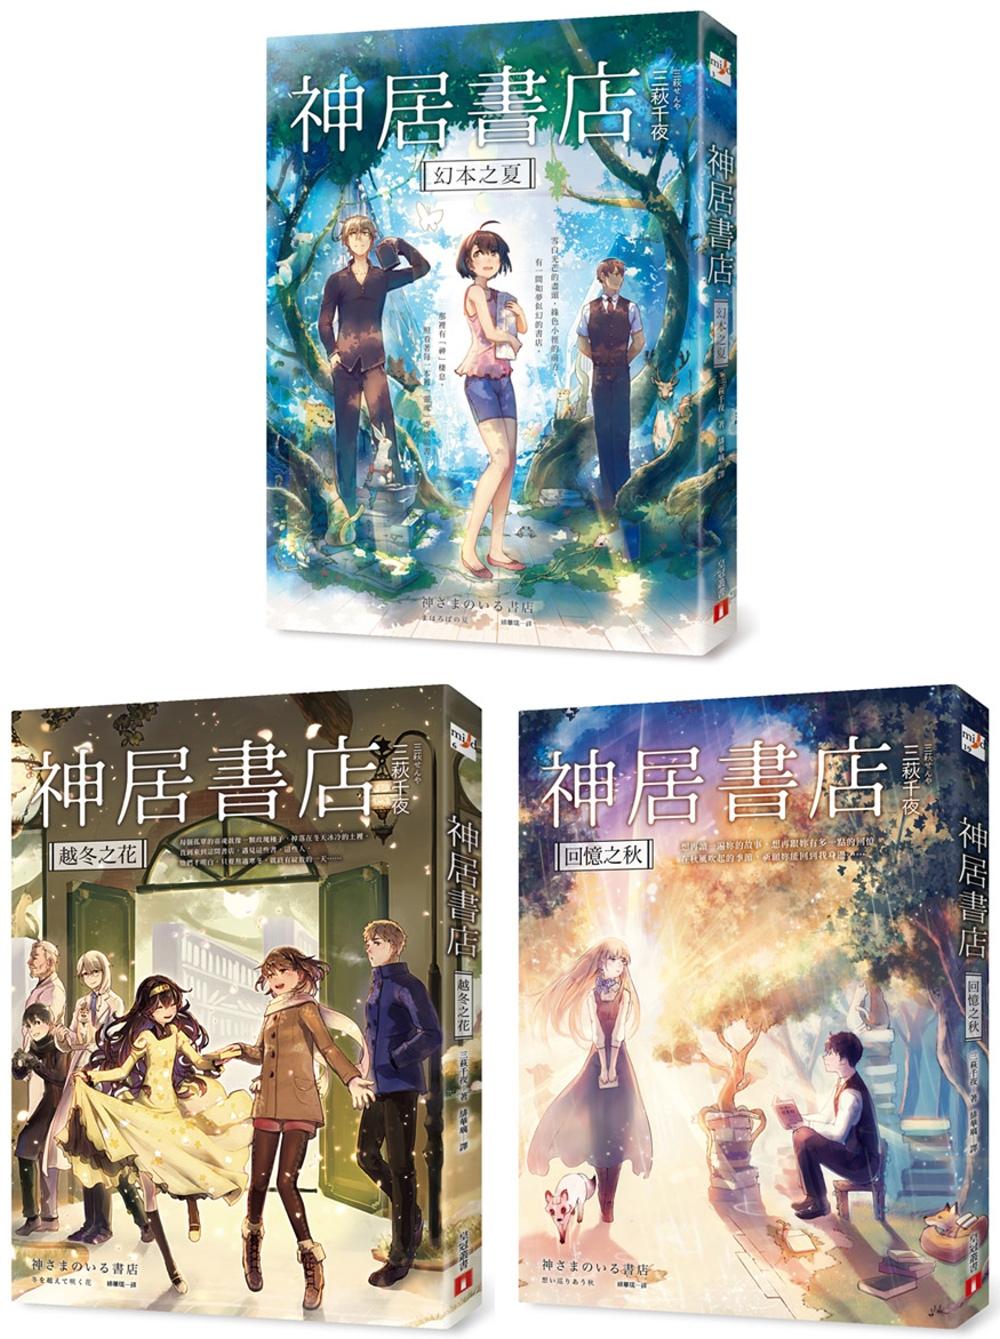 神居書店套書:《幻本之夏》、《越冬之花》、《回憶之秋》